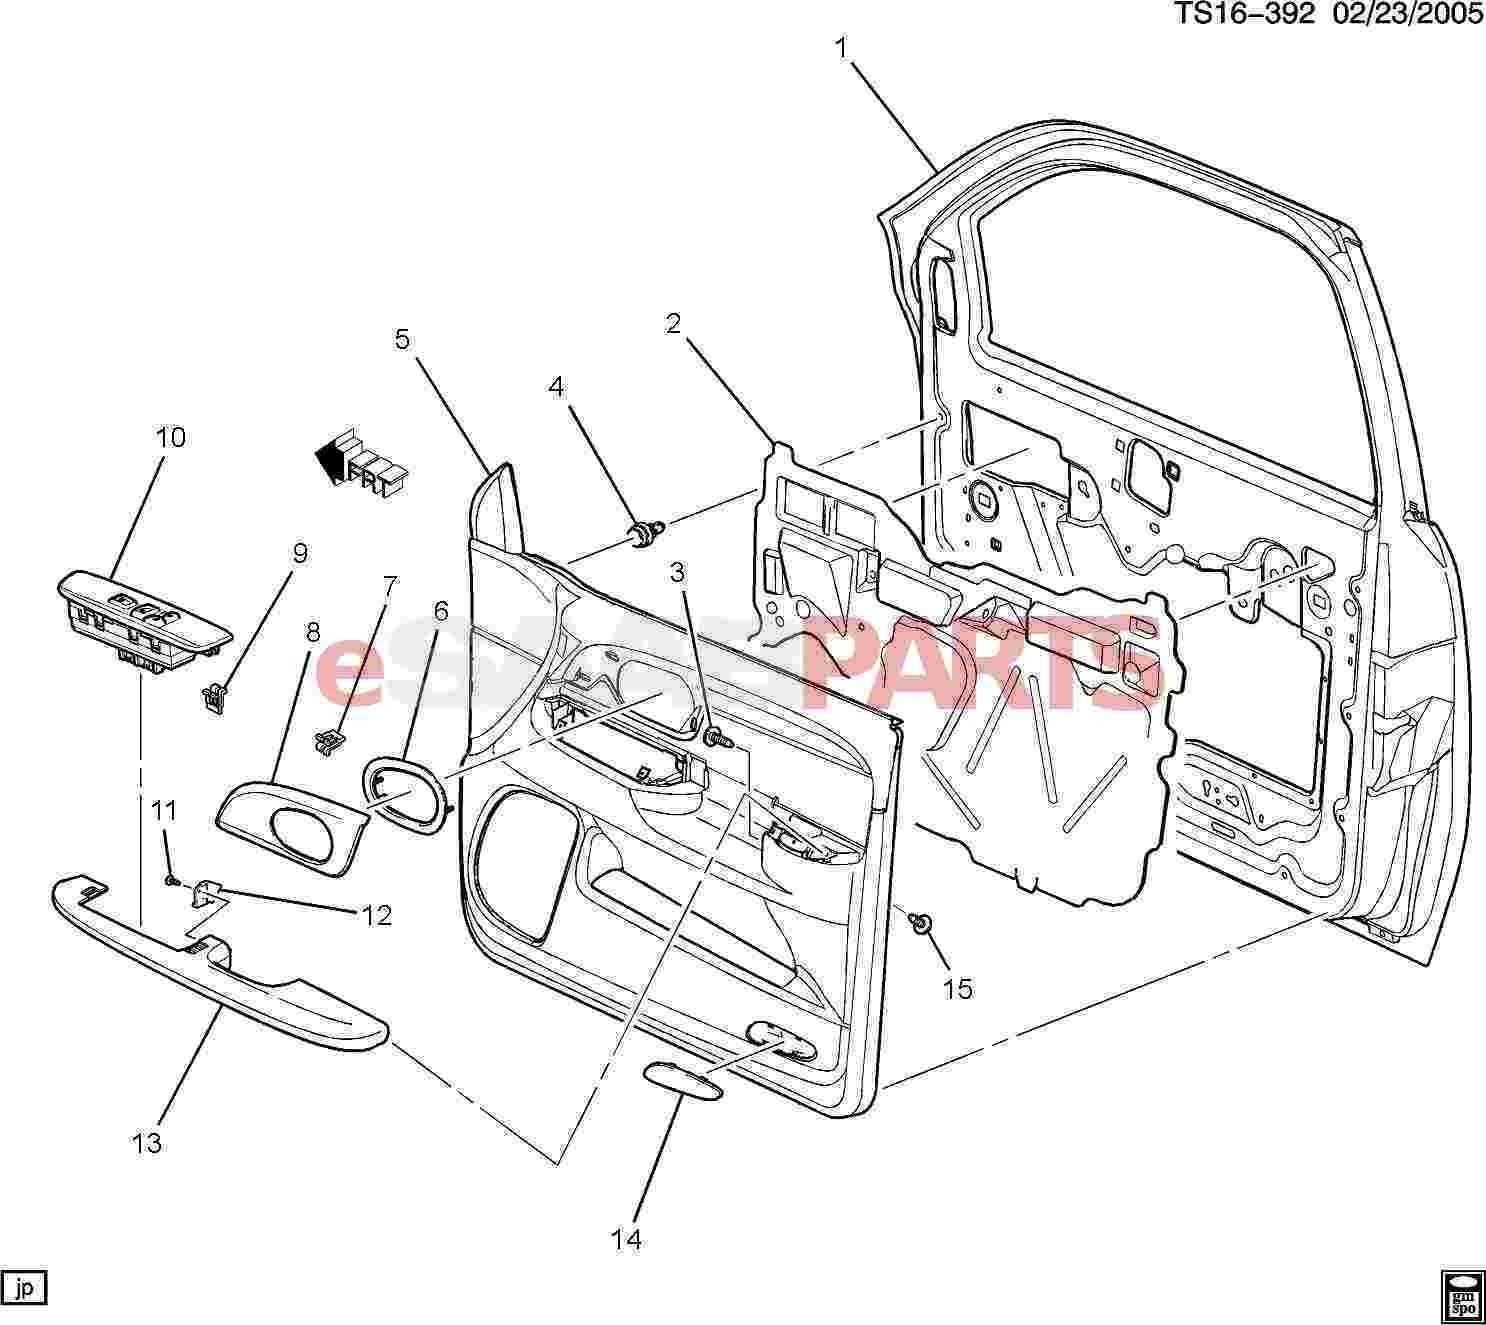 Car Body Panel Diagram ] Saab Bolt Hwh with Fl Wa M4 2×1 41×20 12 5 O D Dog Pt Of Car Body Panel Diagram